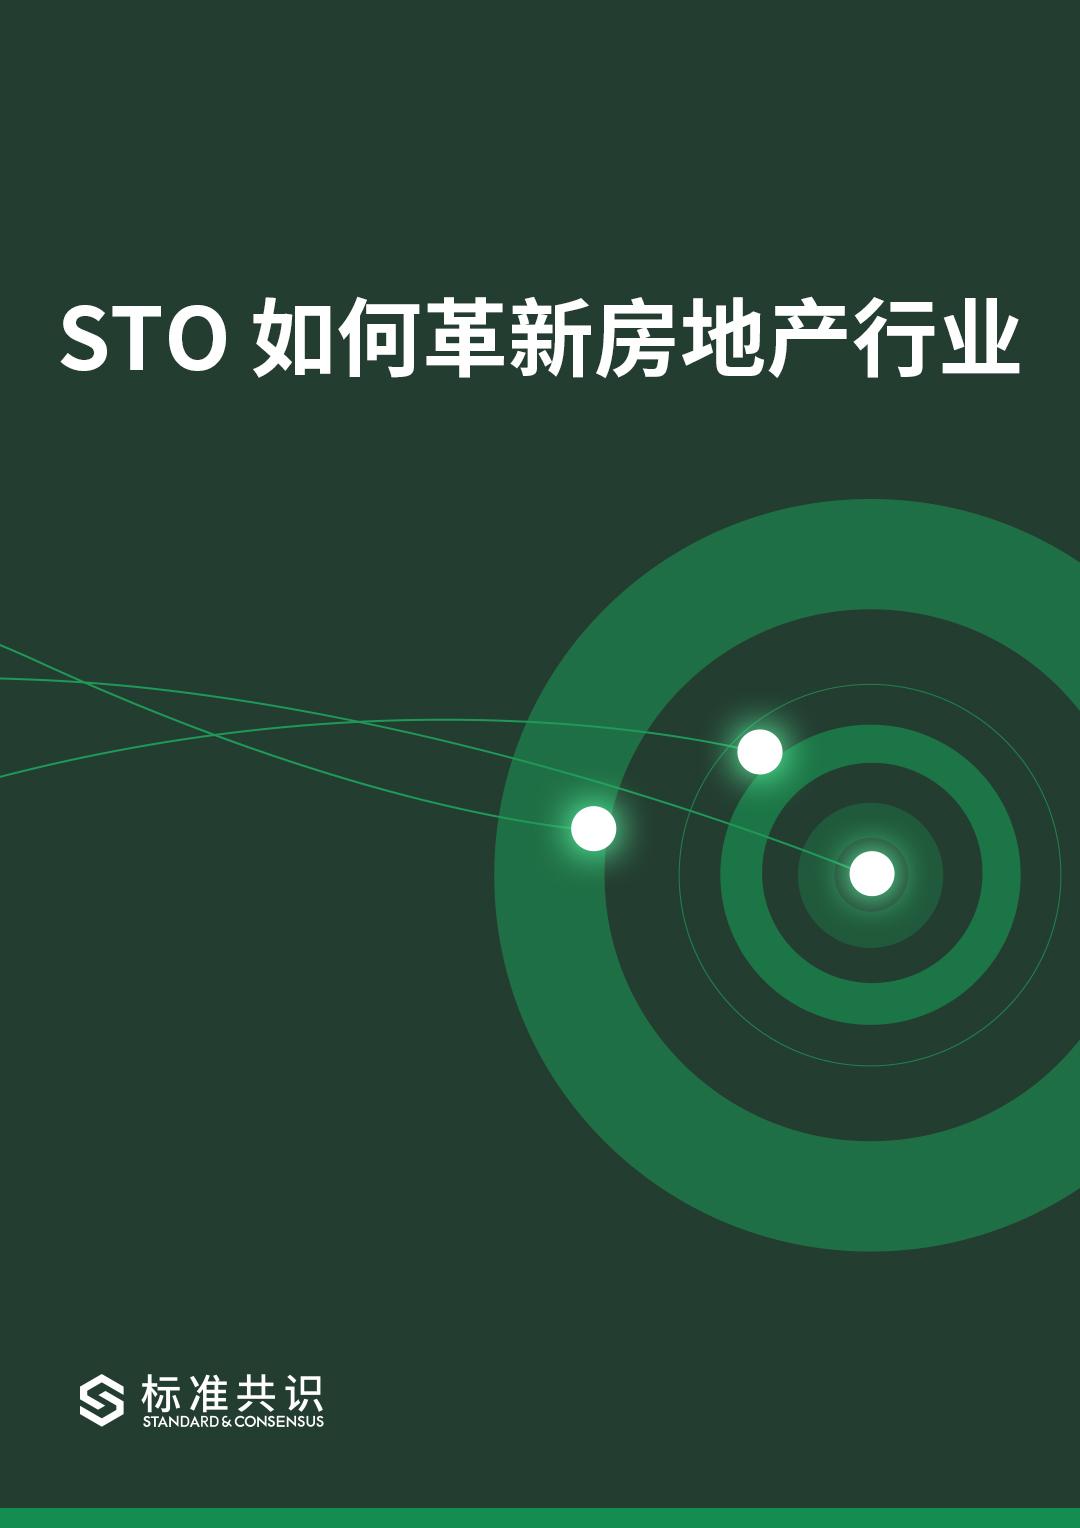 标准共识:STO 如何革新房地产行业